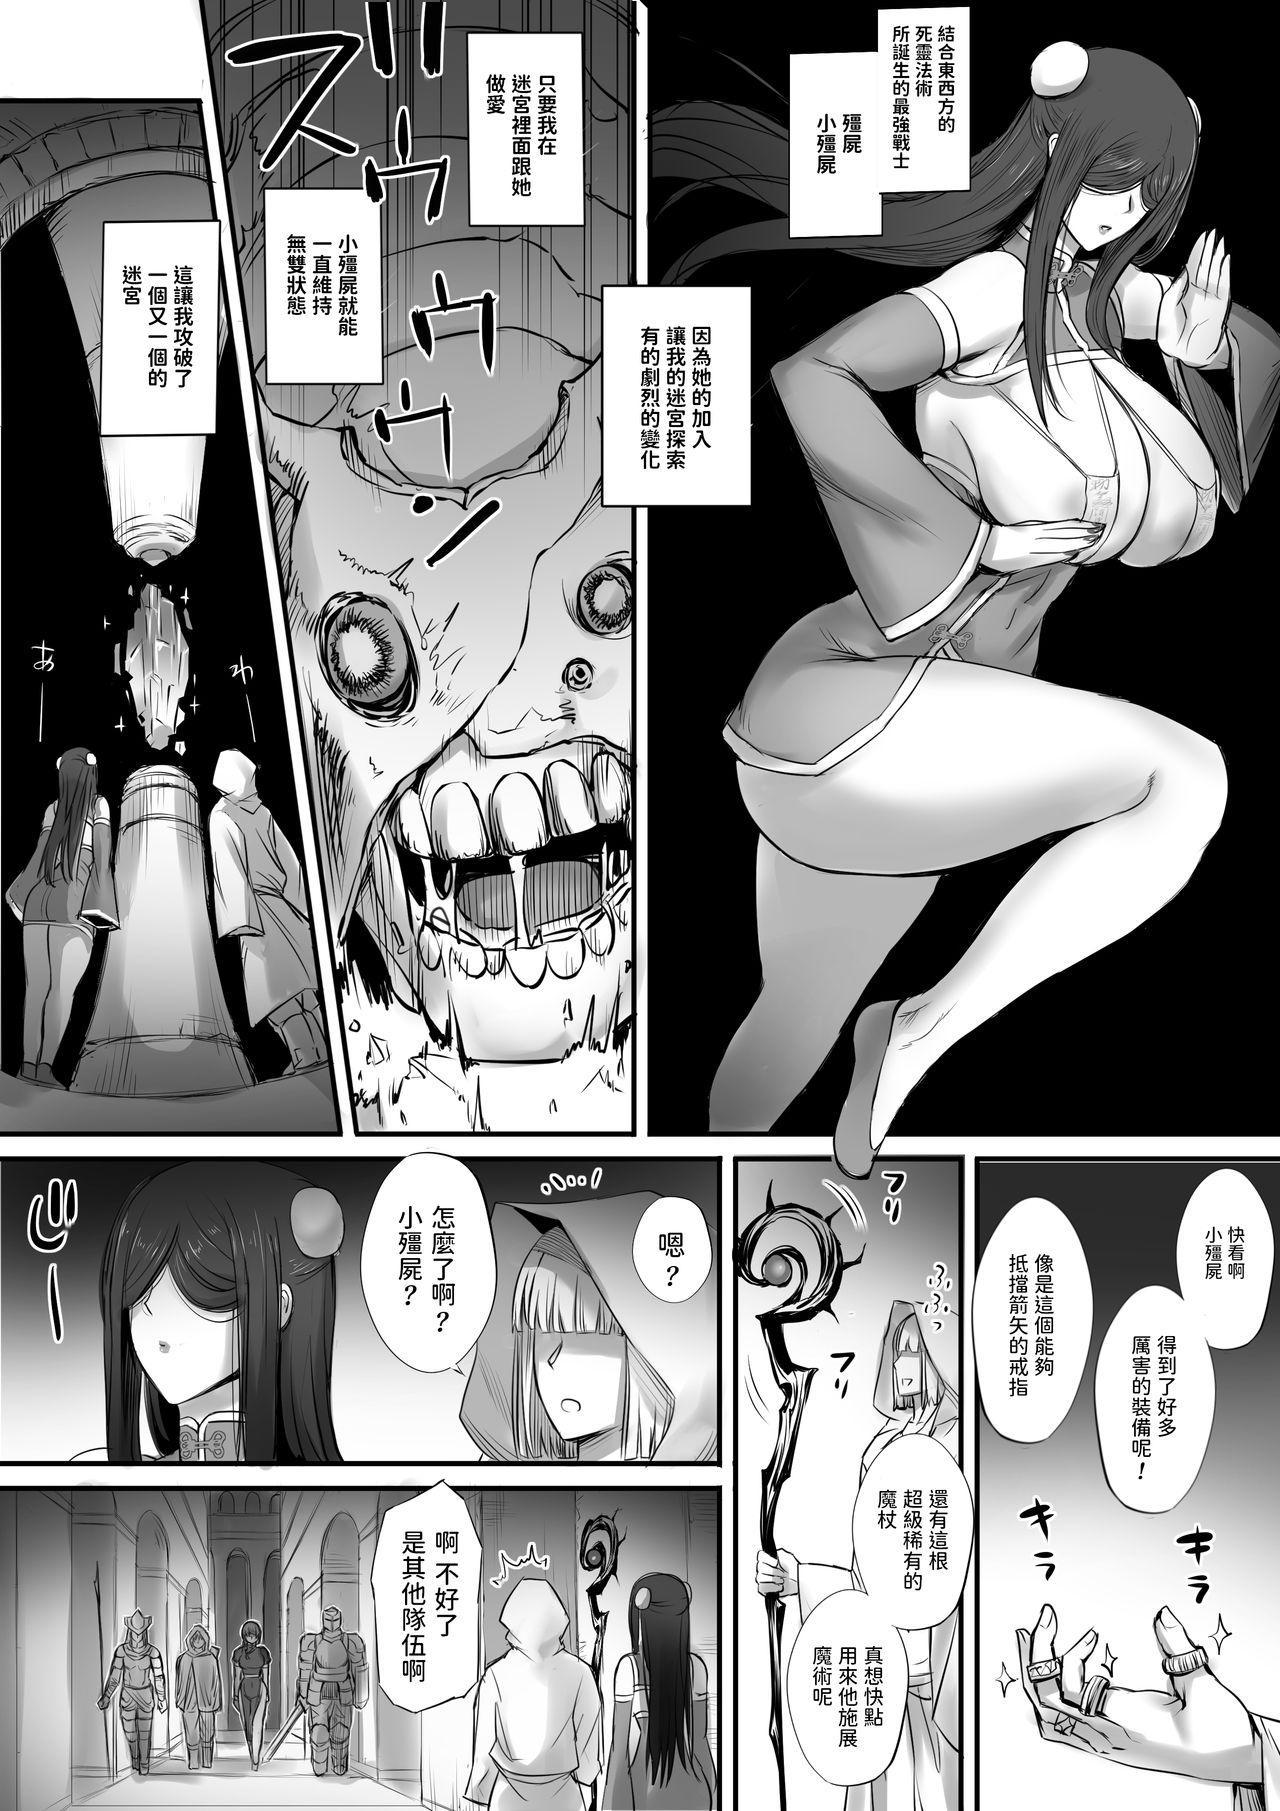 Meikyuu de Kakutou Musume no Shitai o Hirotte Jiangshi ni Shitemita Hanashi 2 1